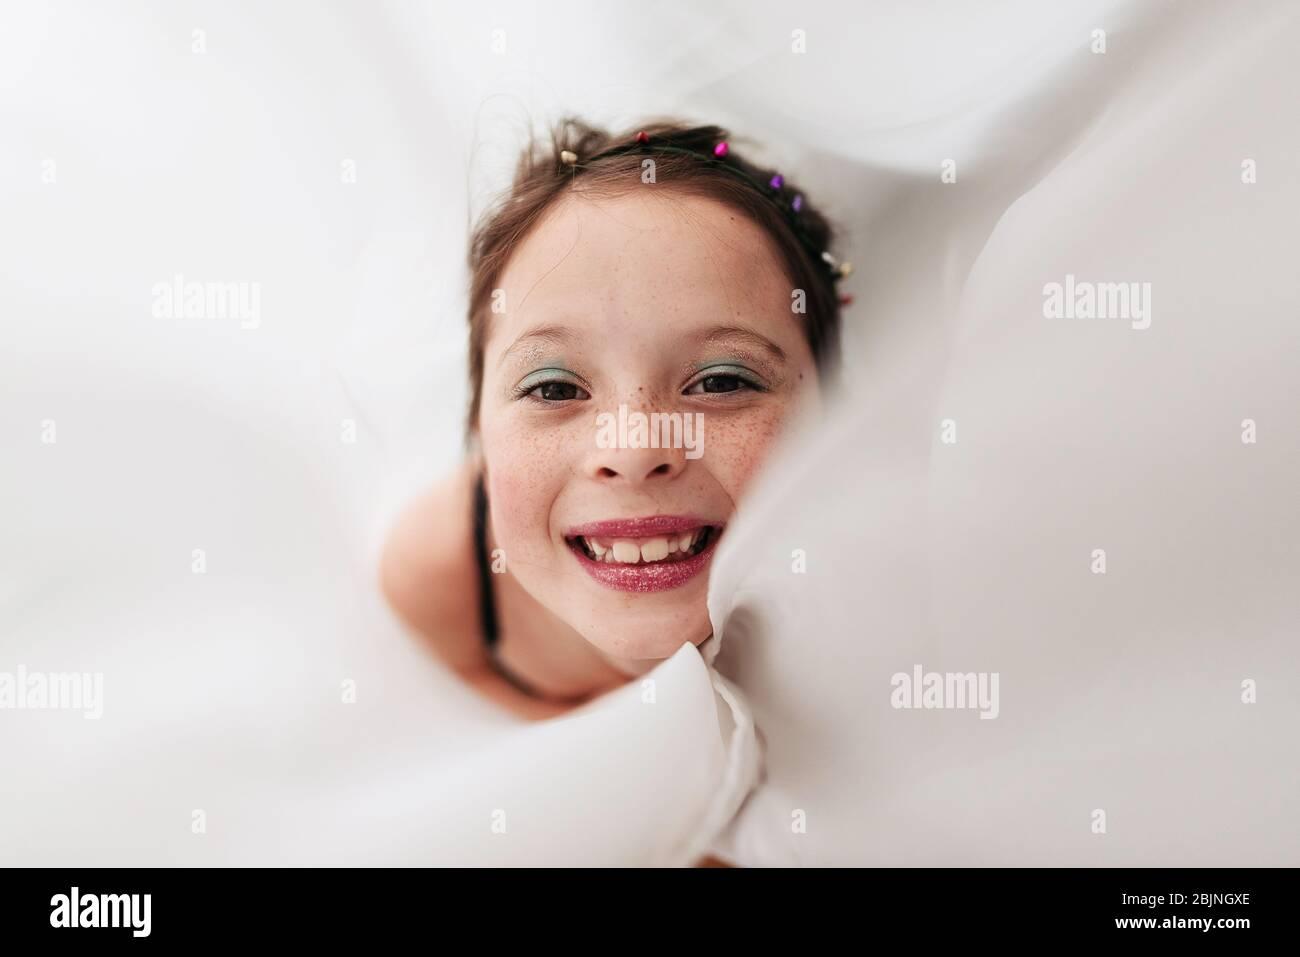 Portrait d'une jeune fille portant un maquillage enveloppé dans un rideau Banque D'Images